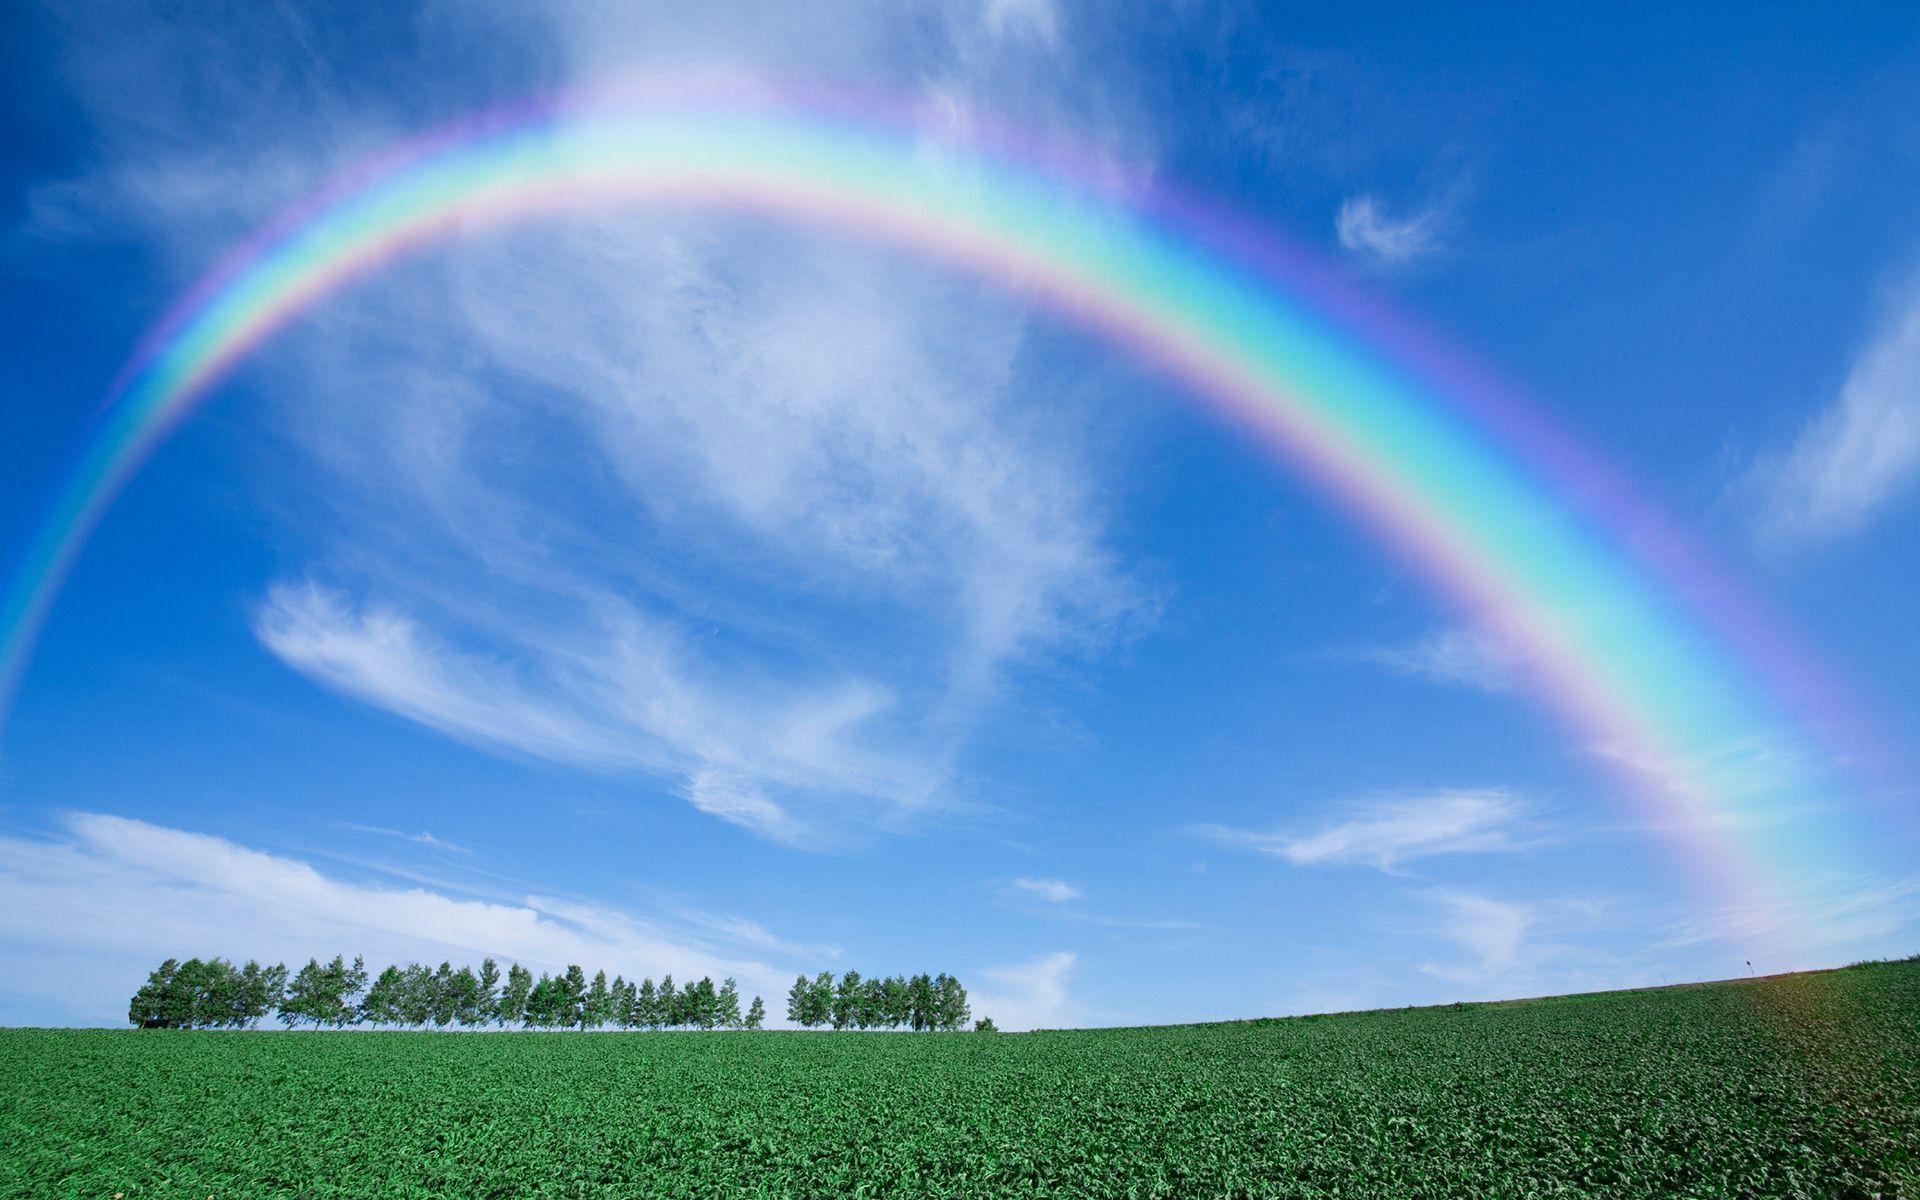 Arcobaleno frasi e citazioni sull 39 arcobaleno e il suo - Arcobaleno a colori e stampa ...